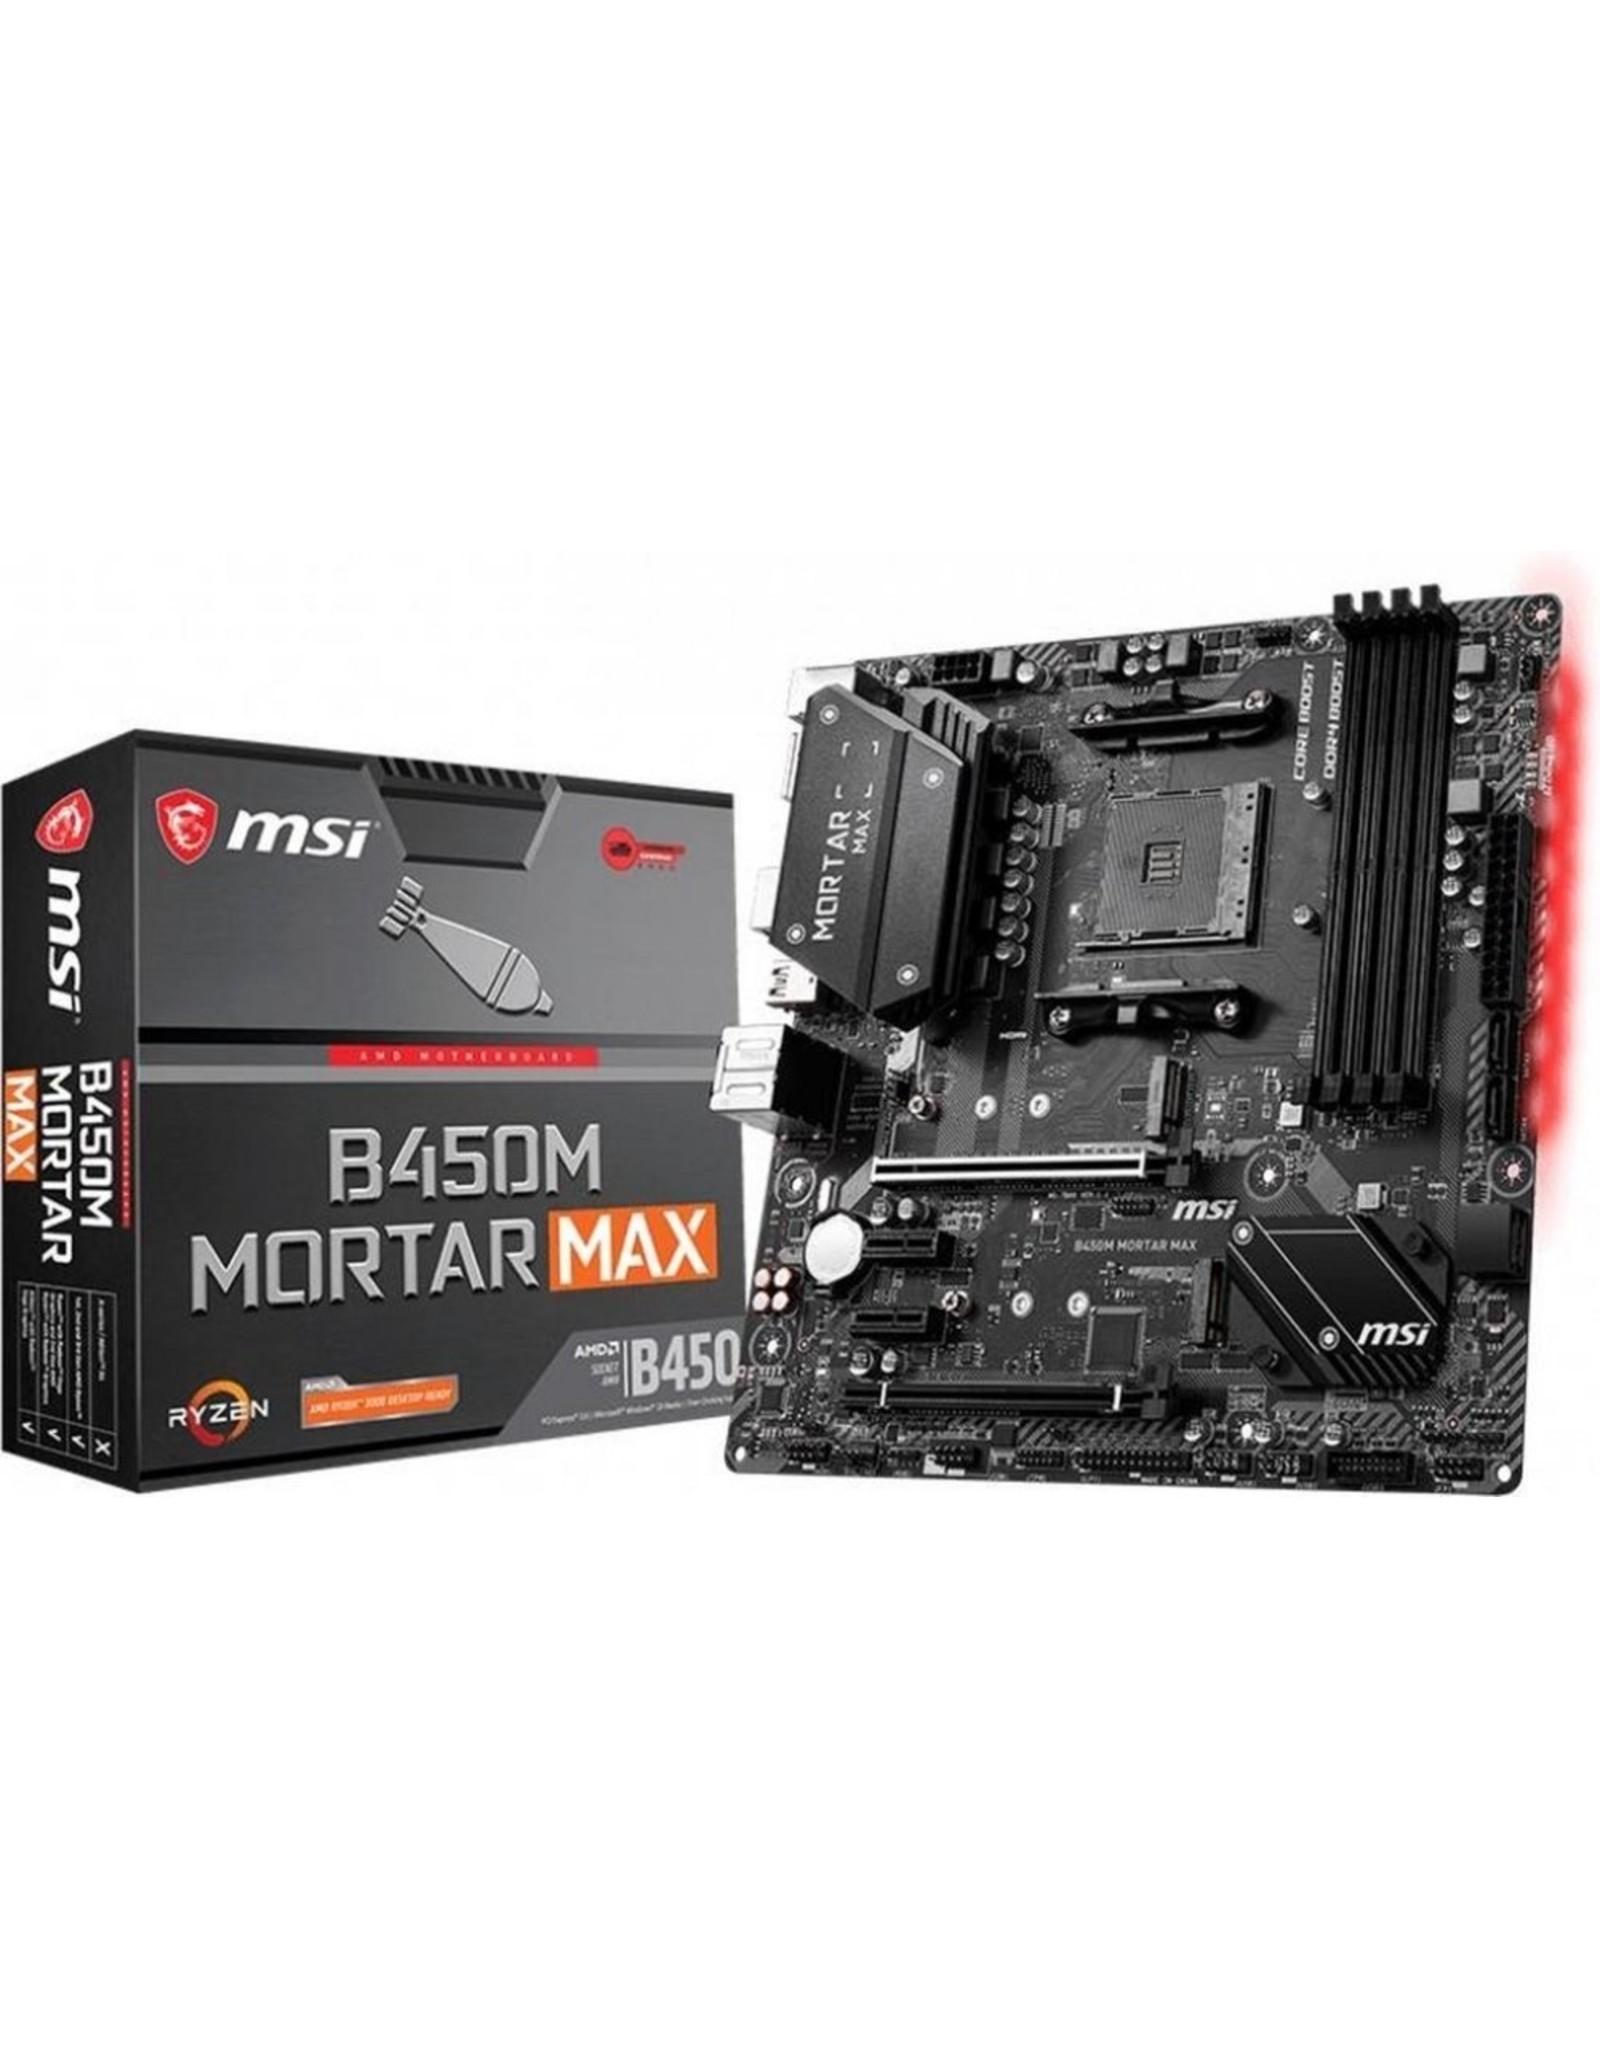 MSI MB  B450M Mortar Max Socket AM4 micro ATX AMD B450